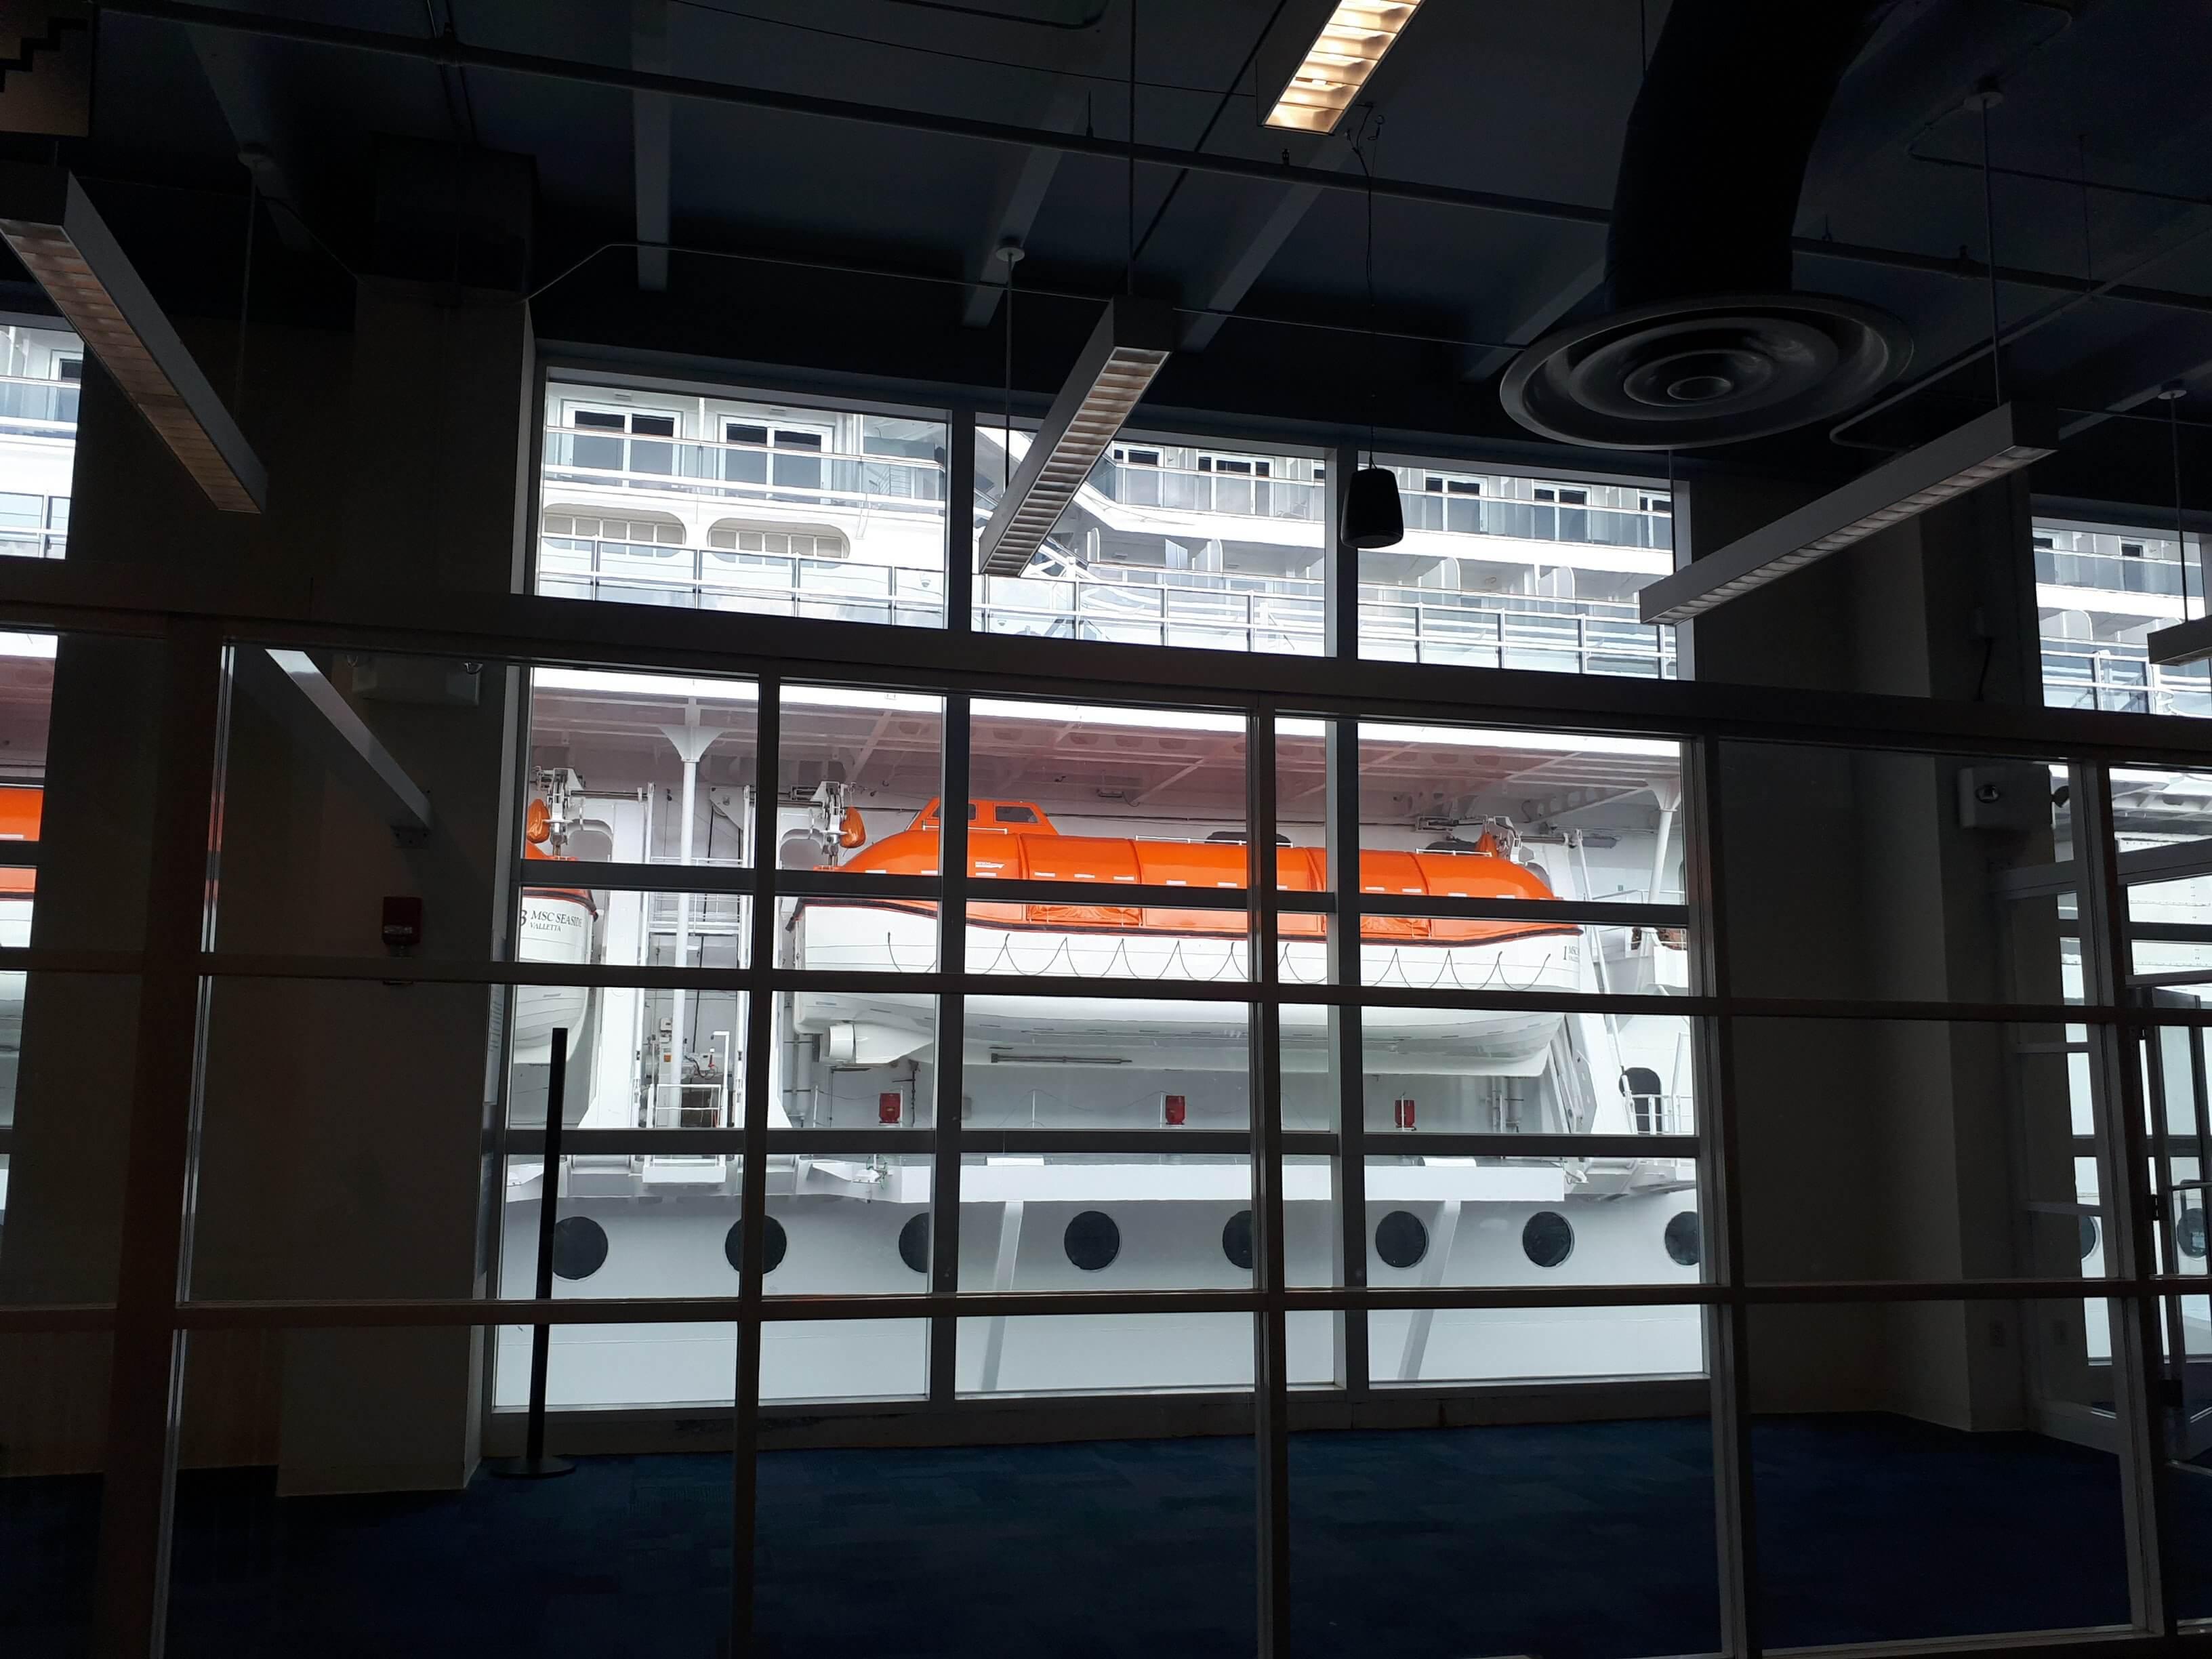 c959c8ea2 Conheça o Seaside, o mais novo navio da MSC Cruzeiros no Caribe